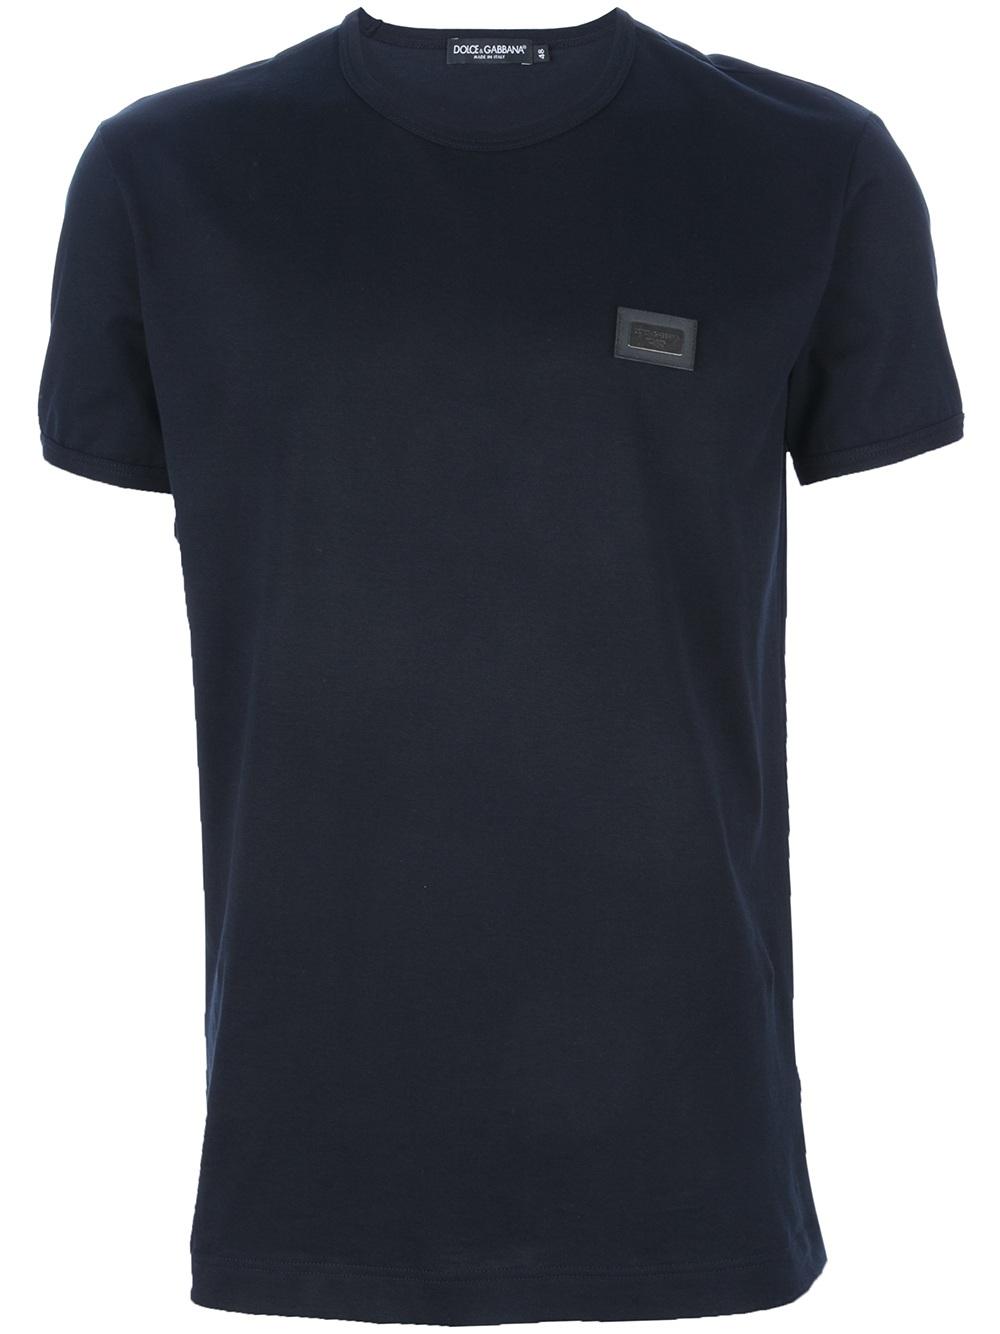 dolce gabbana logo t shirt in blue for men black lyst. Black Bedroom Furniture Sets. Home Design Ideas